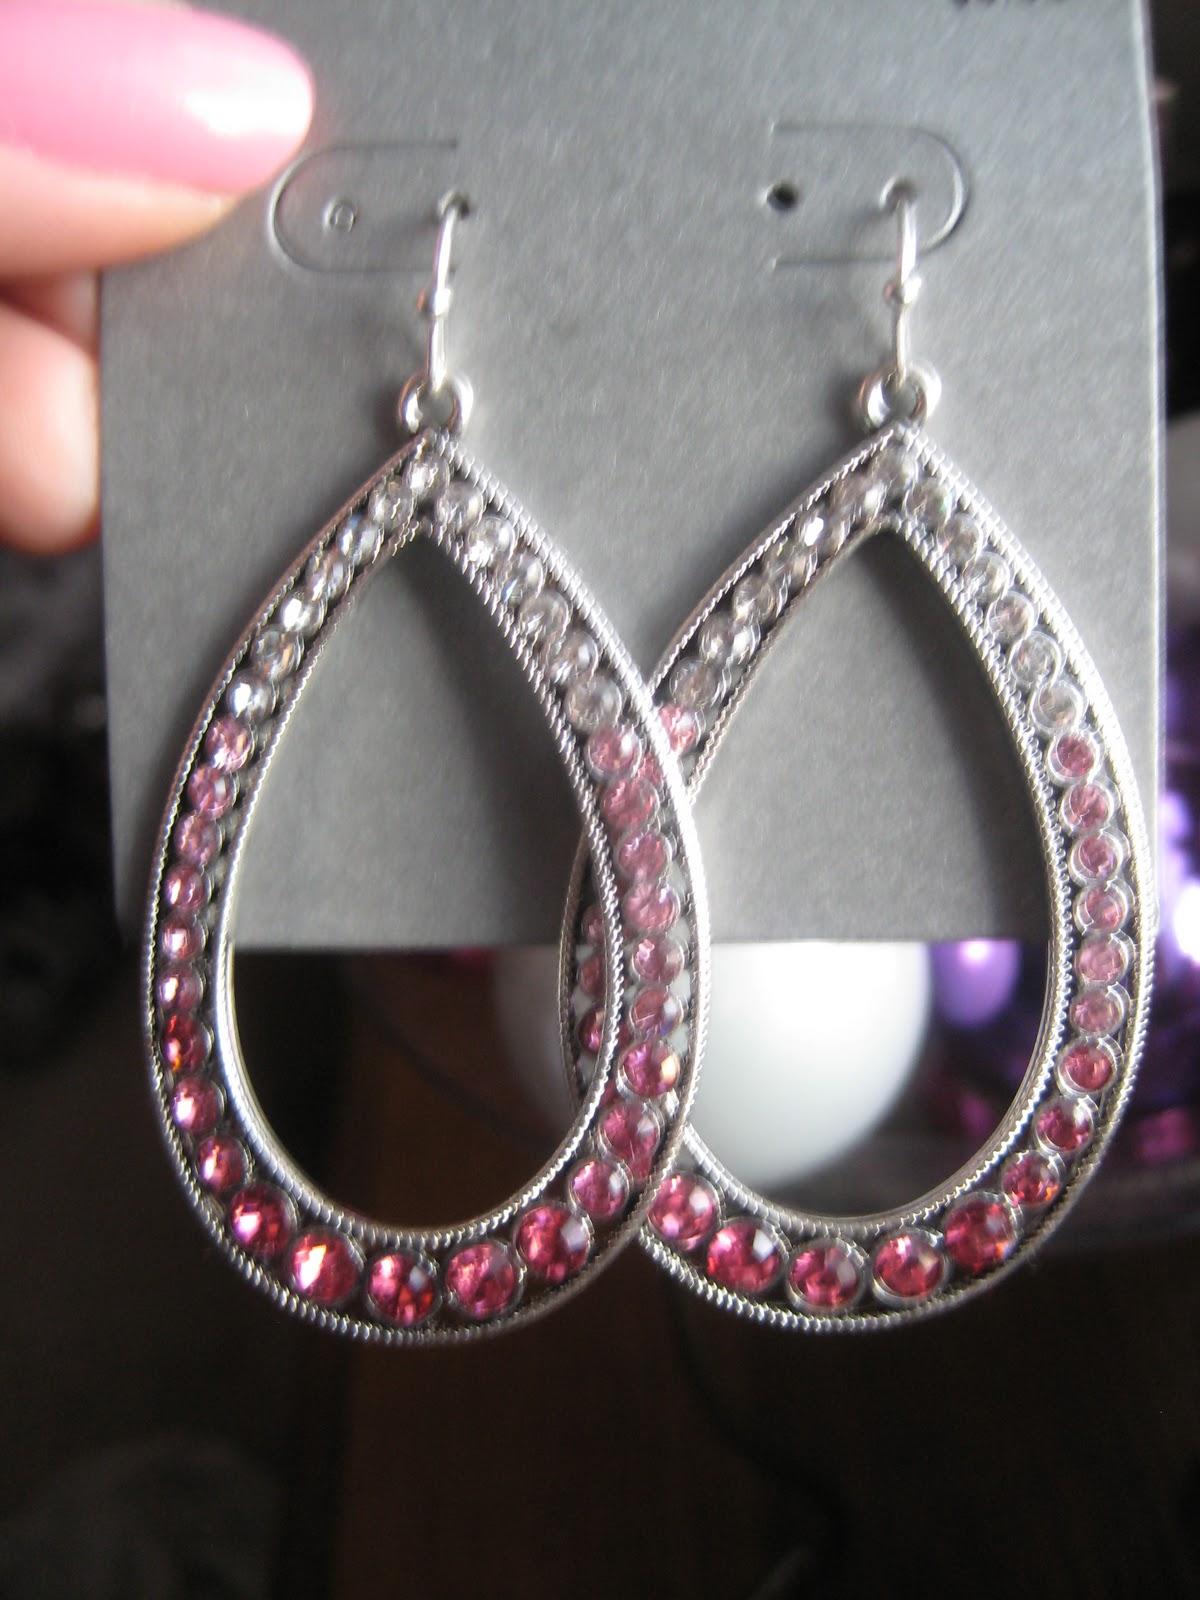 Pink Glam: *Rings*earrings* Bracelets* charlotte Russe,target